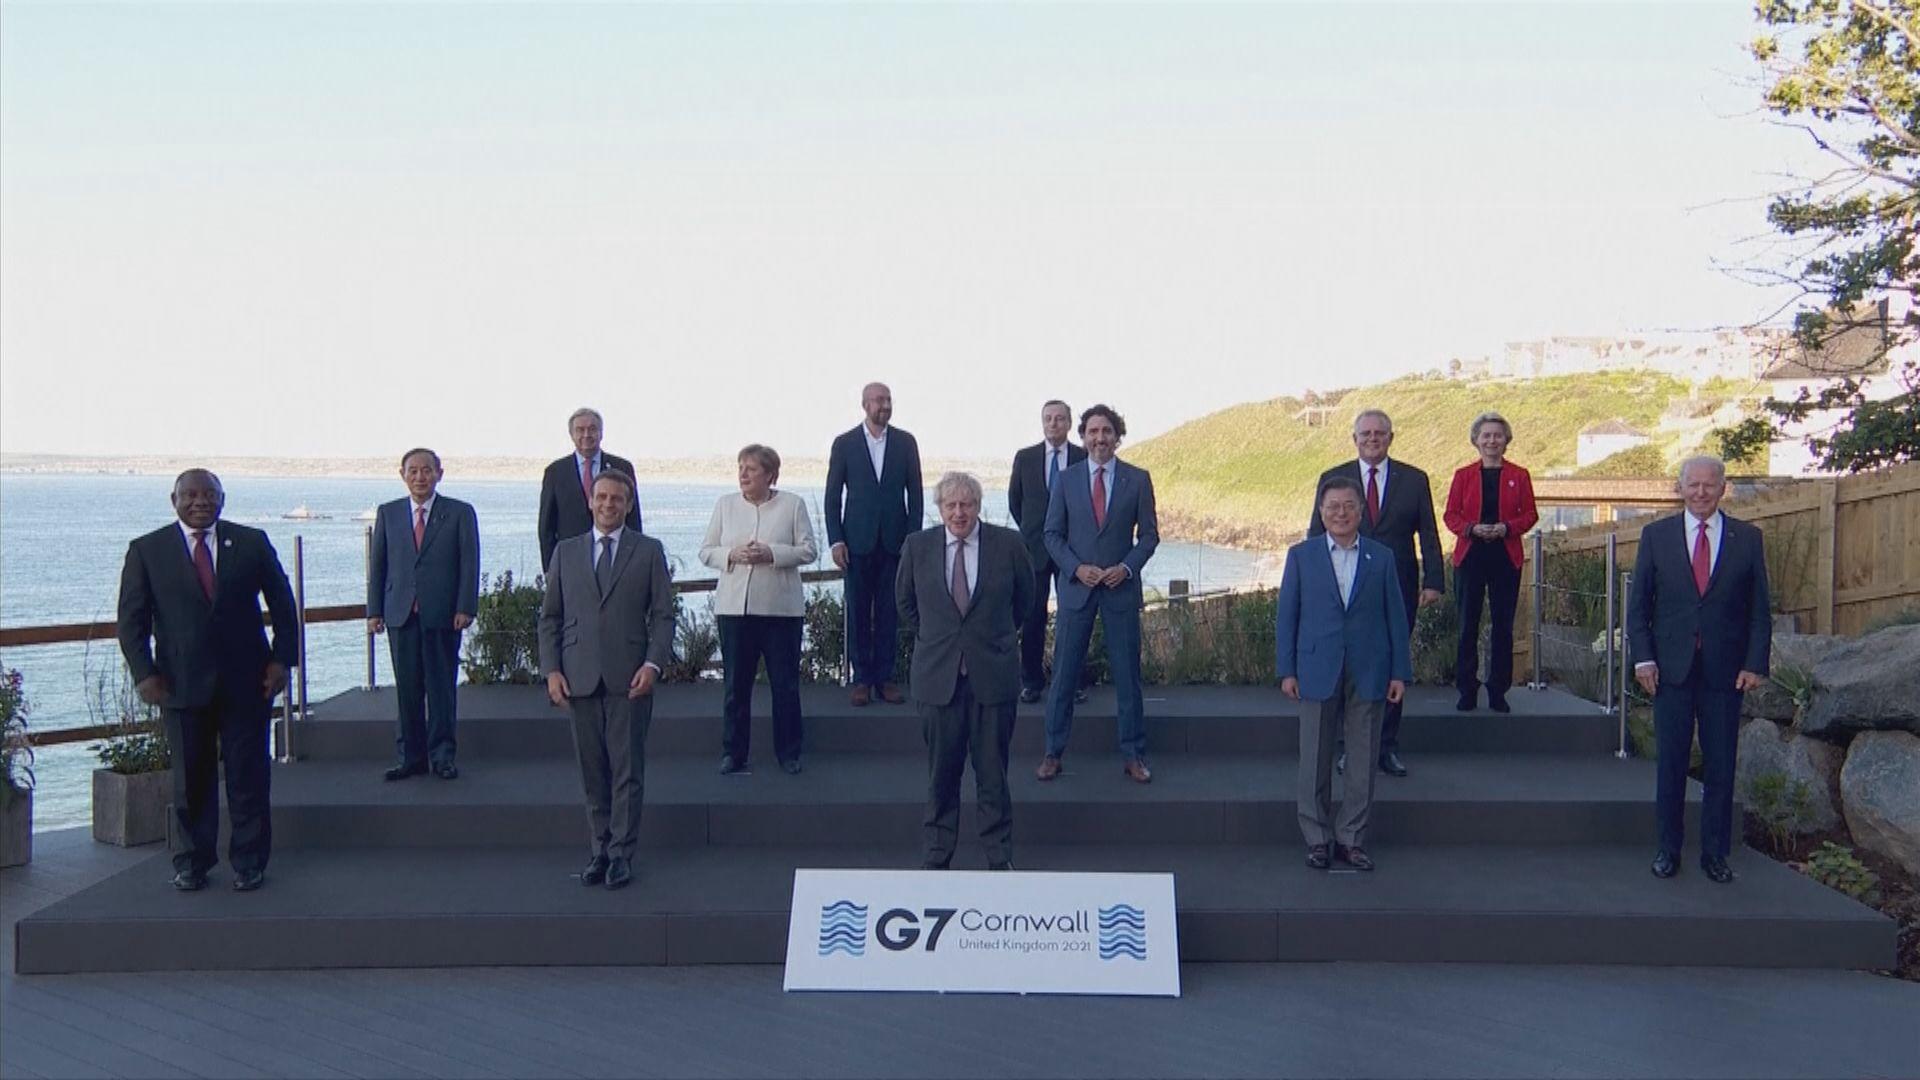 消息:G7領袖同意共同應對中國挑戰